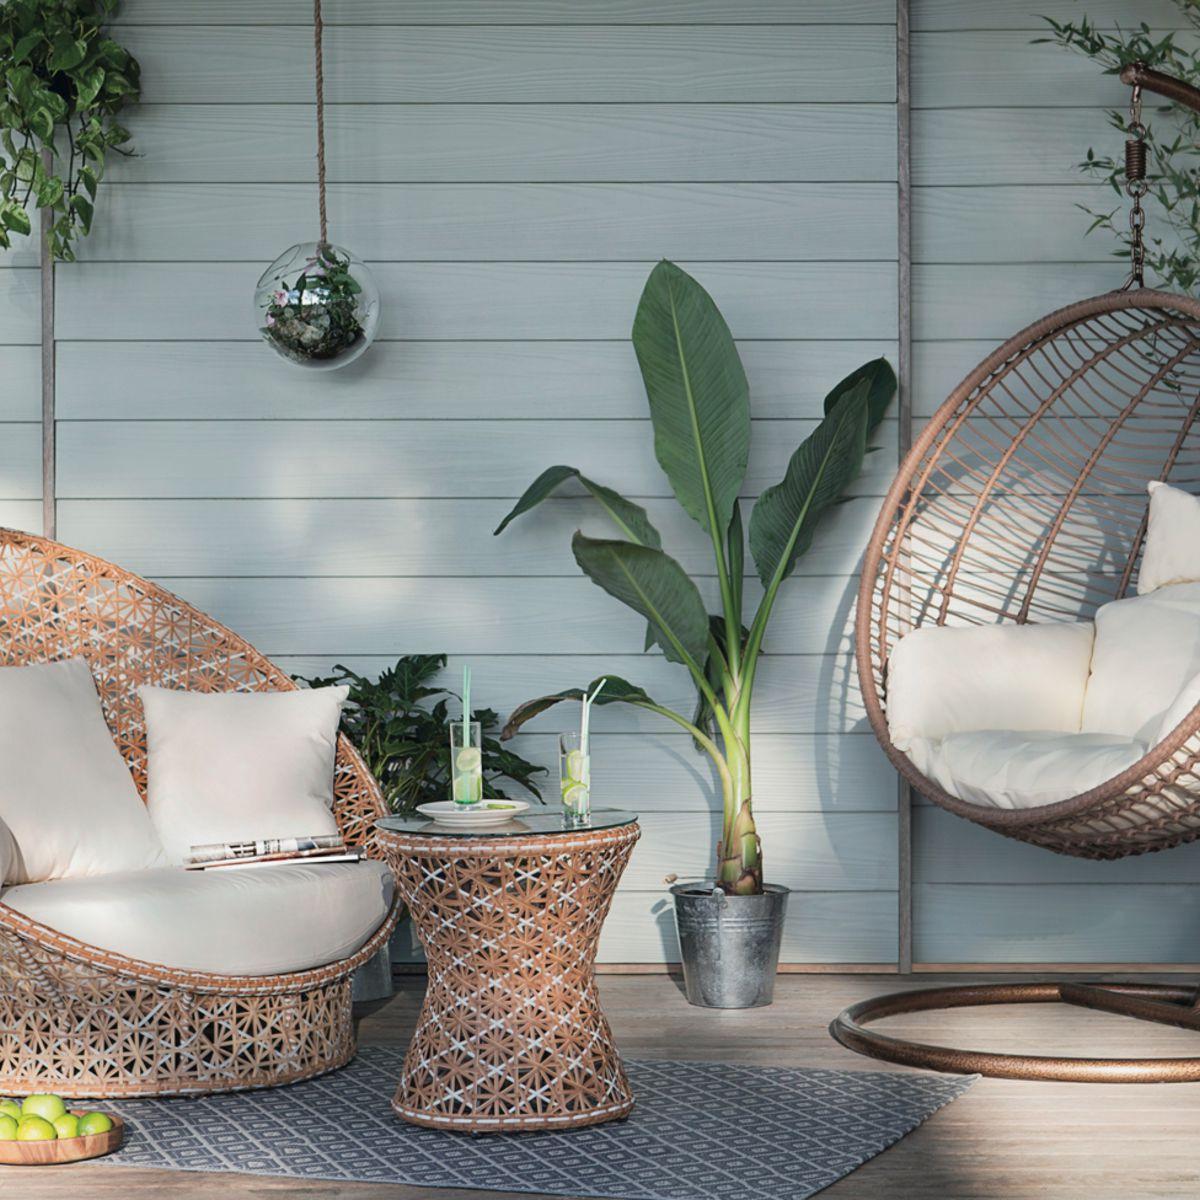 Salon De Jardin Design, Nature Ou Coloré : Les Nouveautés ... tout Salon De Jardin Truffaut